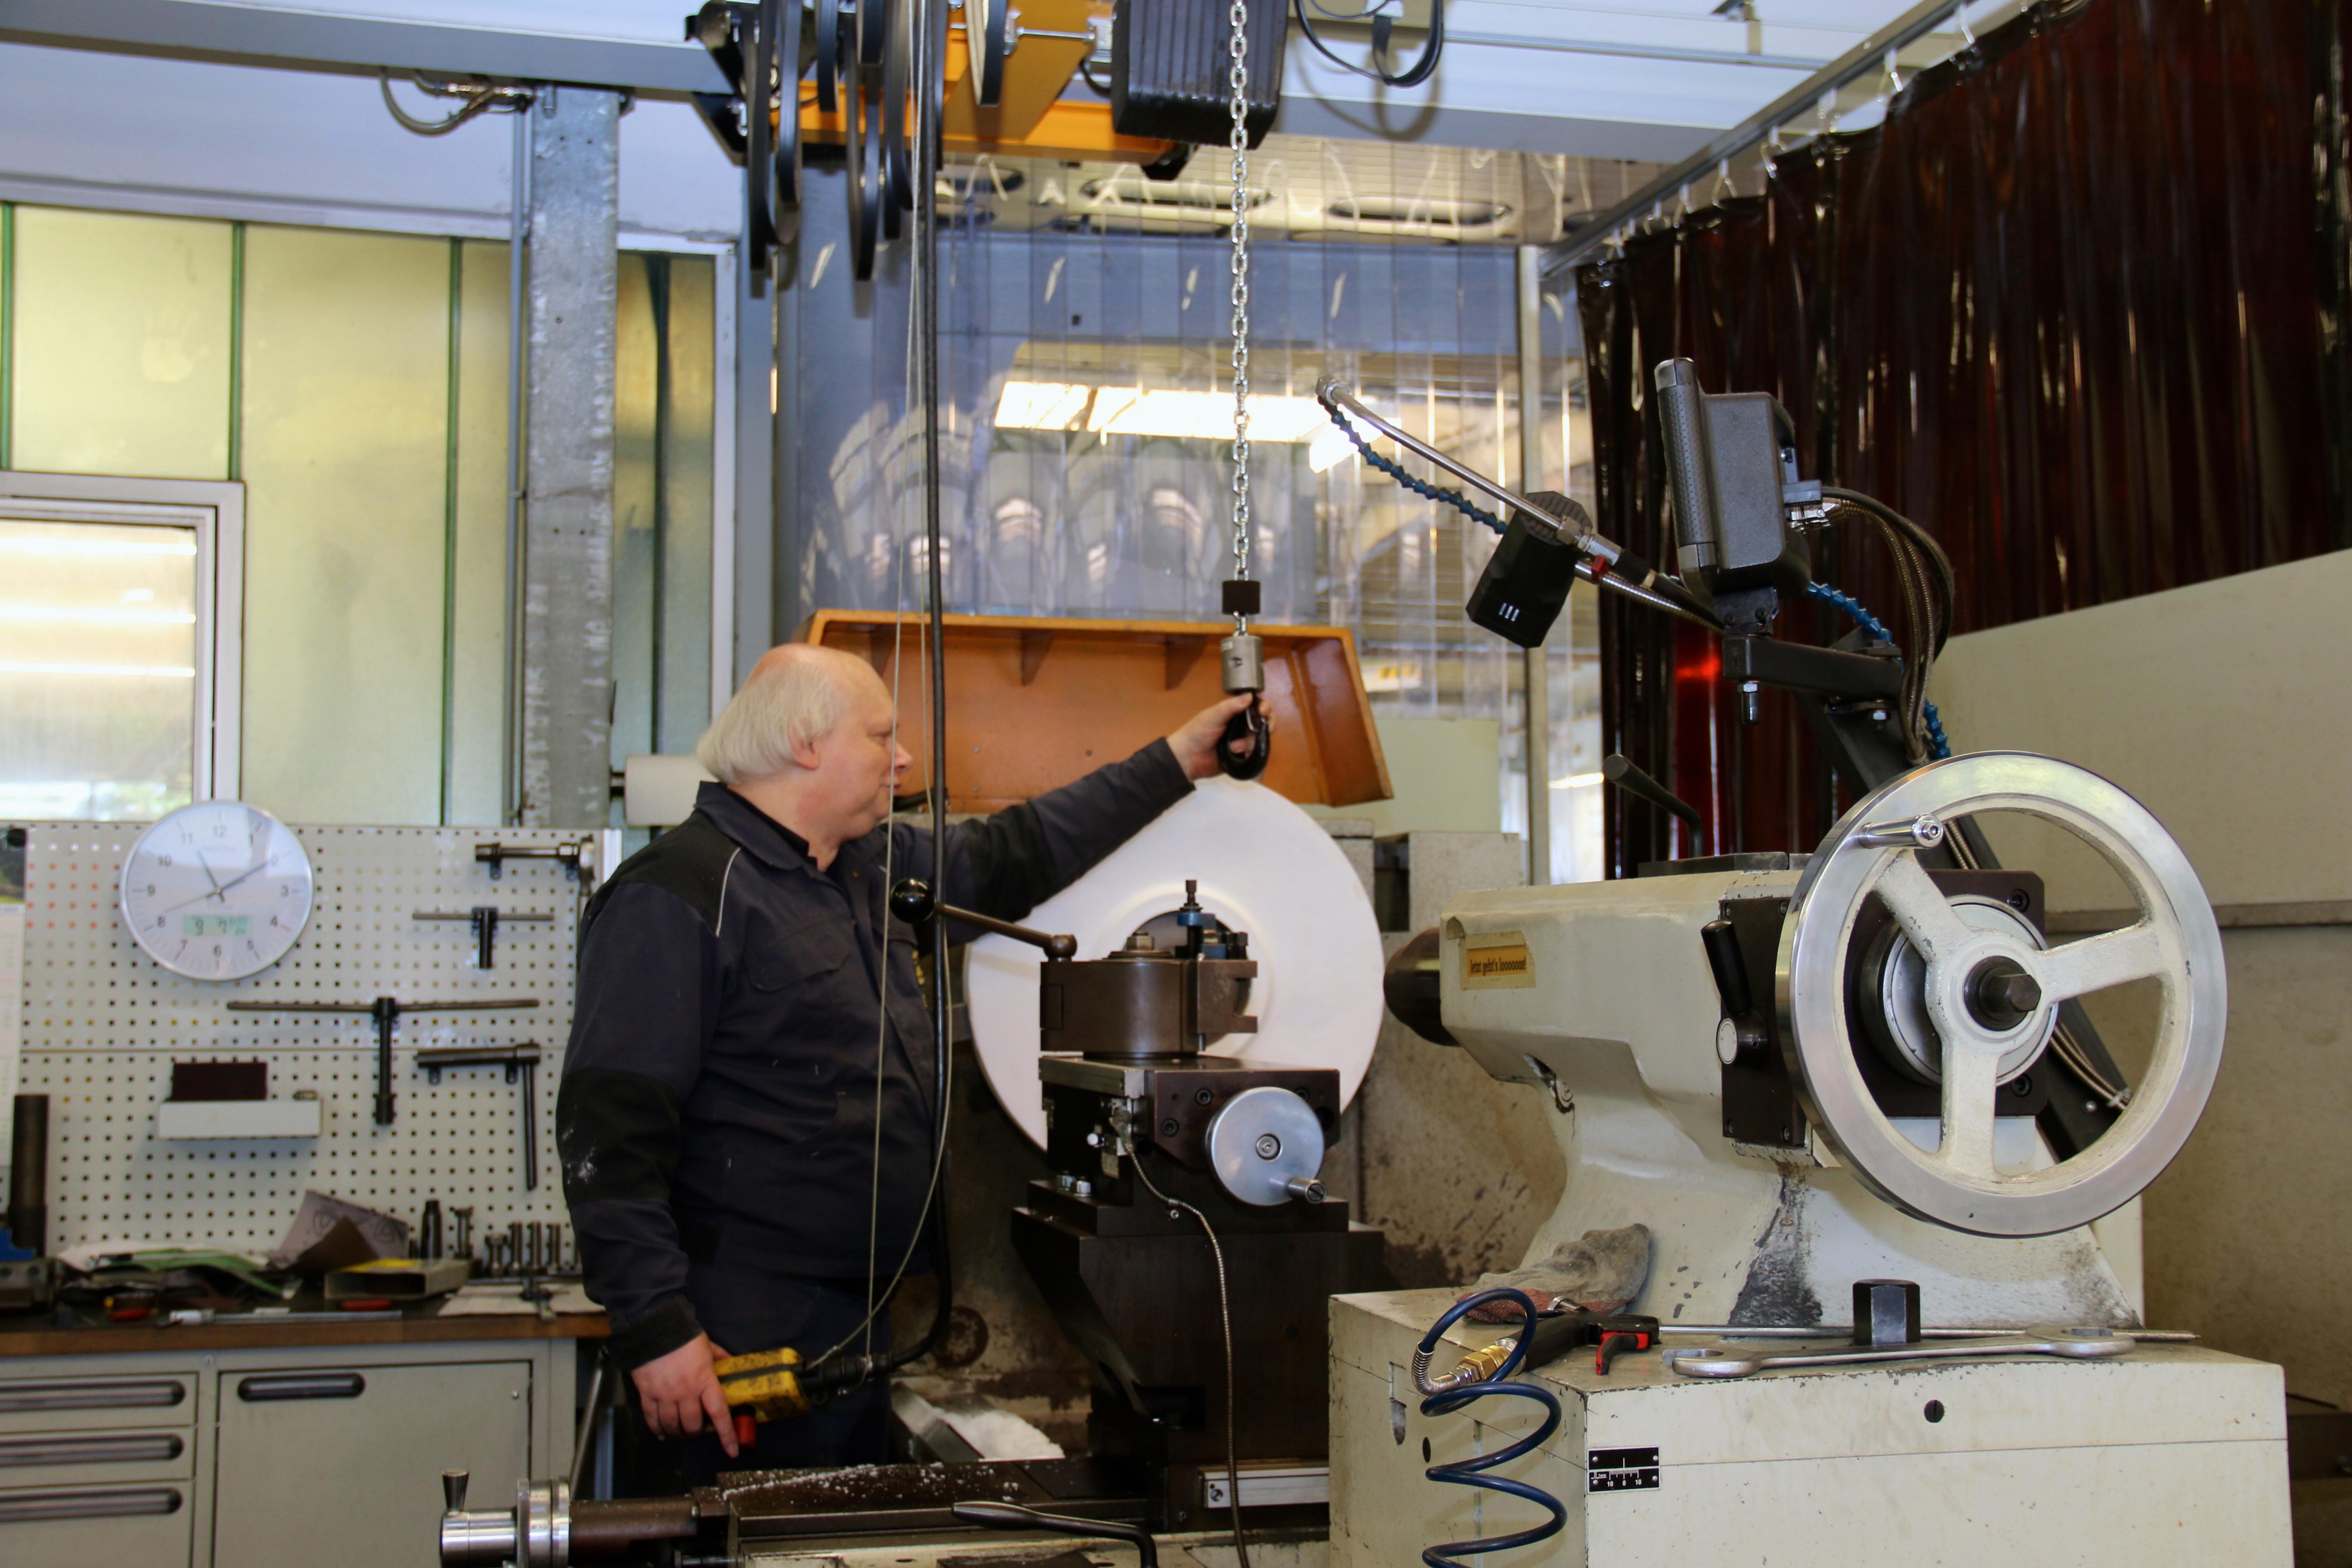 Der Mitarbeiter an der Drehbank bewegt die Teile, die er bearbeiten muss, ergonomisch per Kran